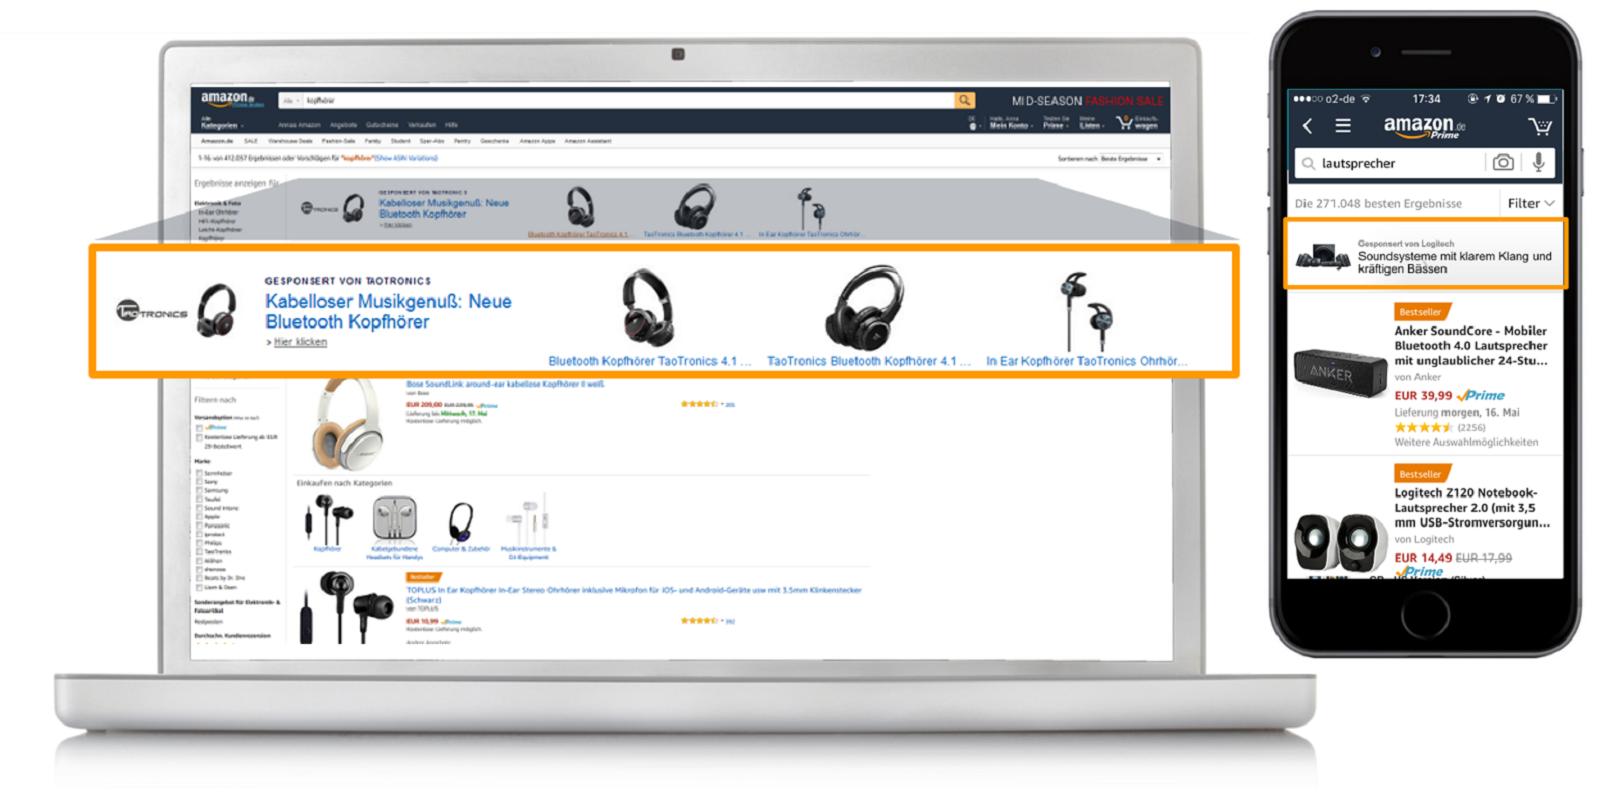 Beispiele für Sponsored Brands auf Desktop und Mobile